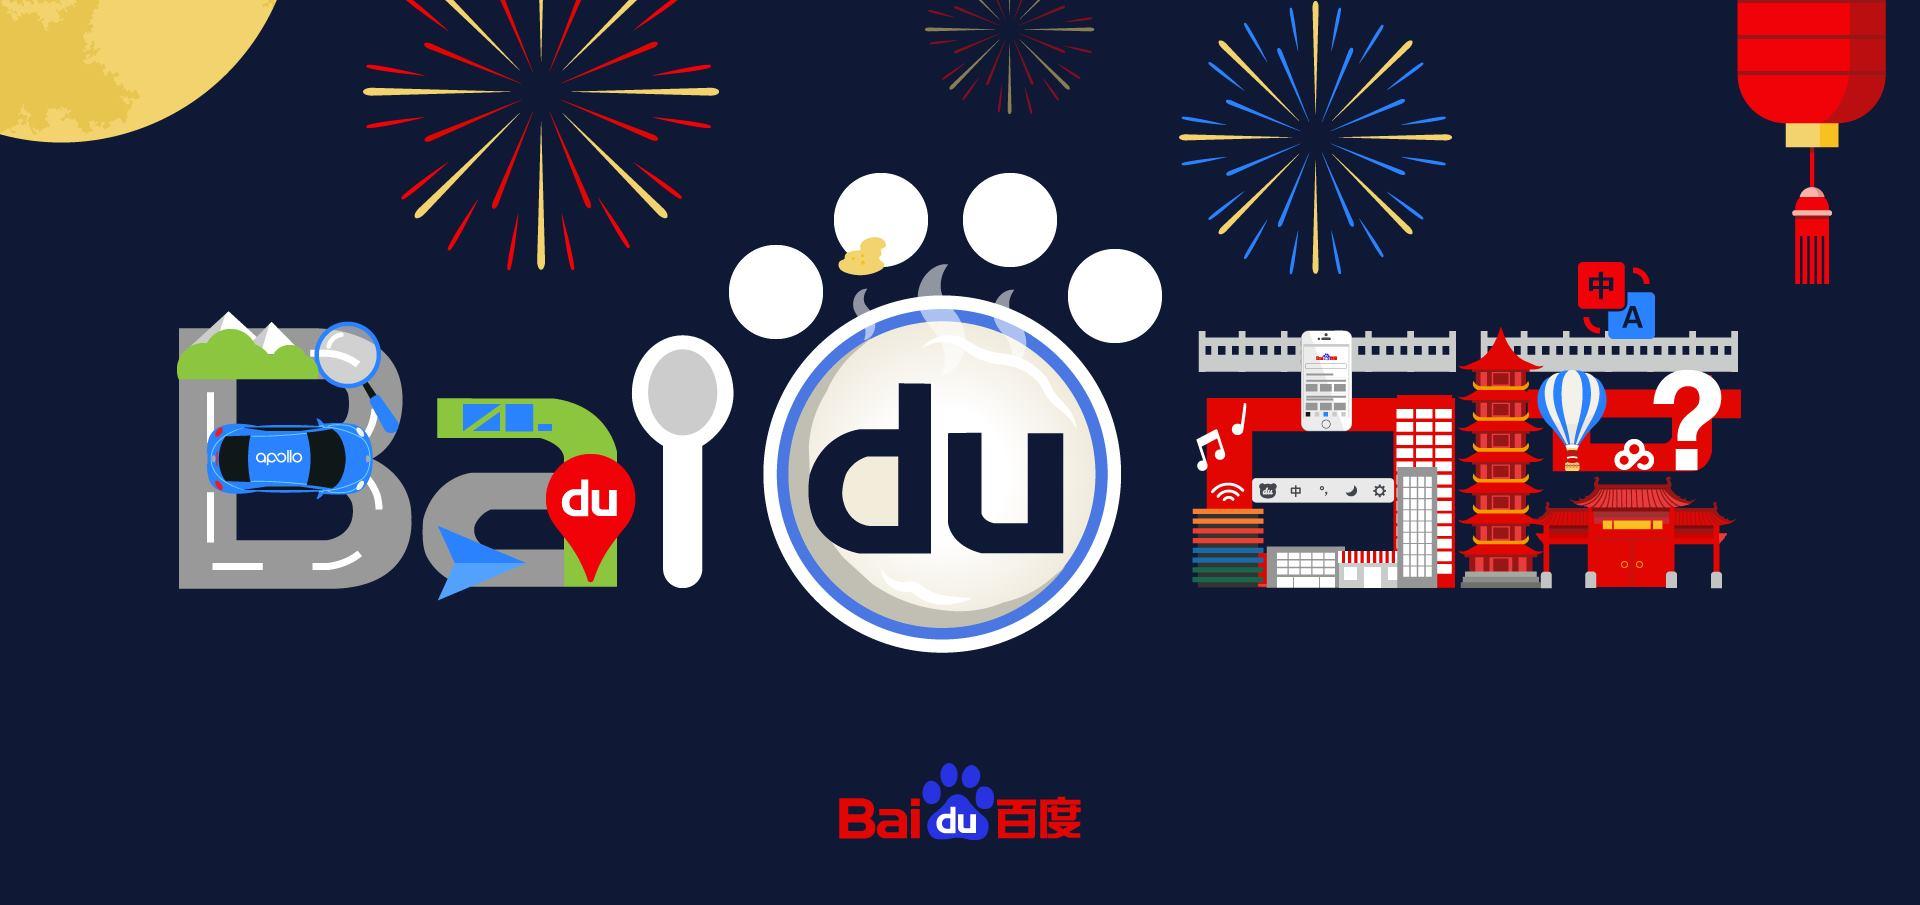 VIDEO: Tehnološkoj tvrtki Baidu privatnost korisnika na prvom mjestu